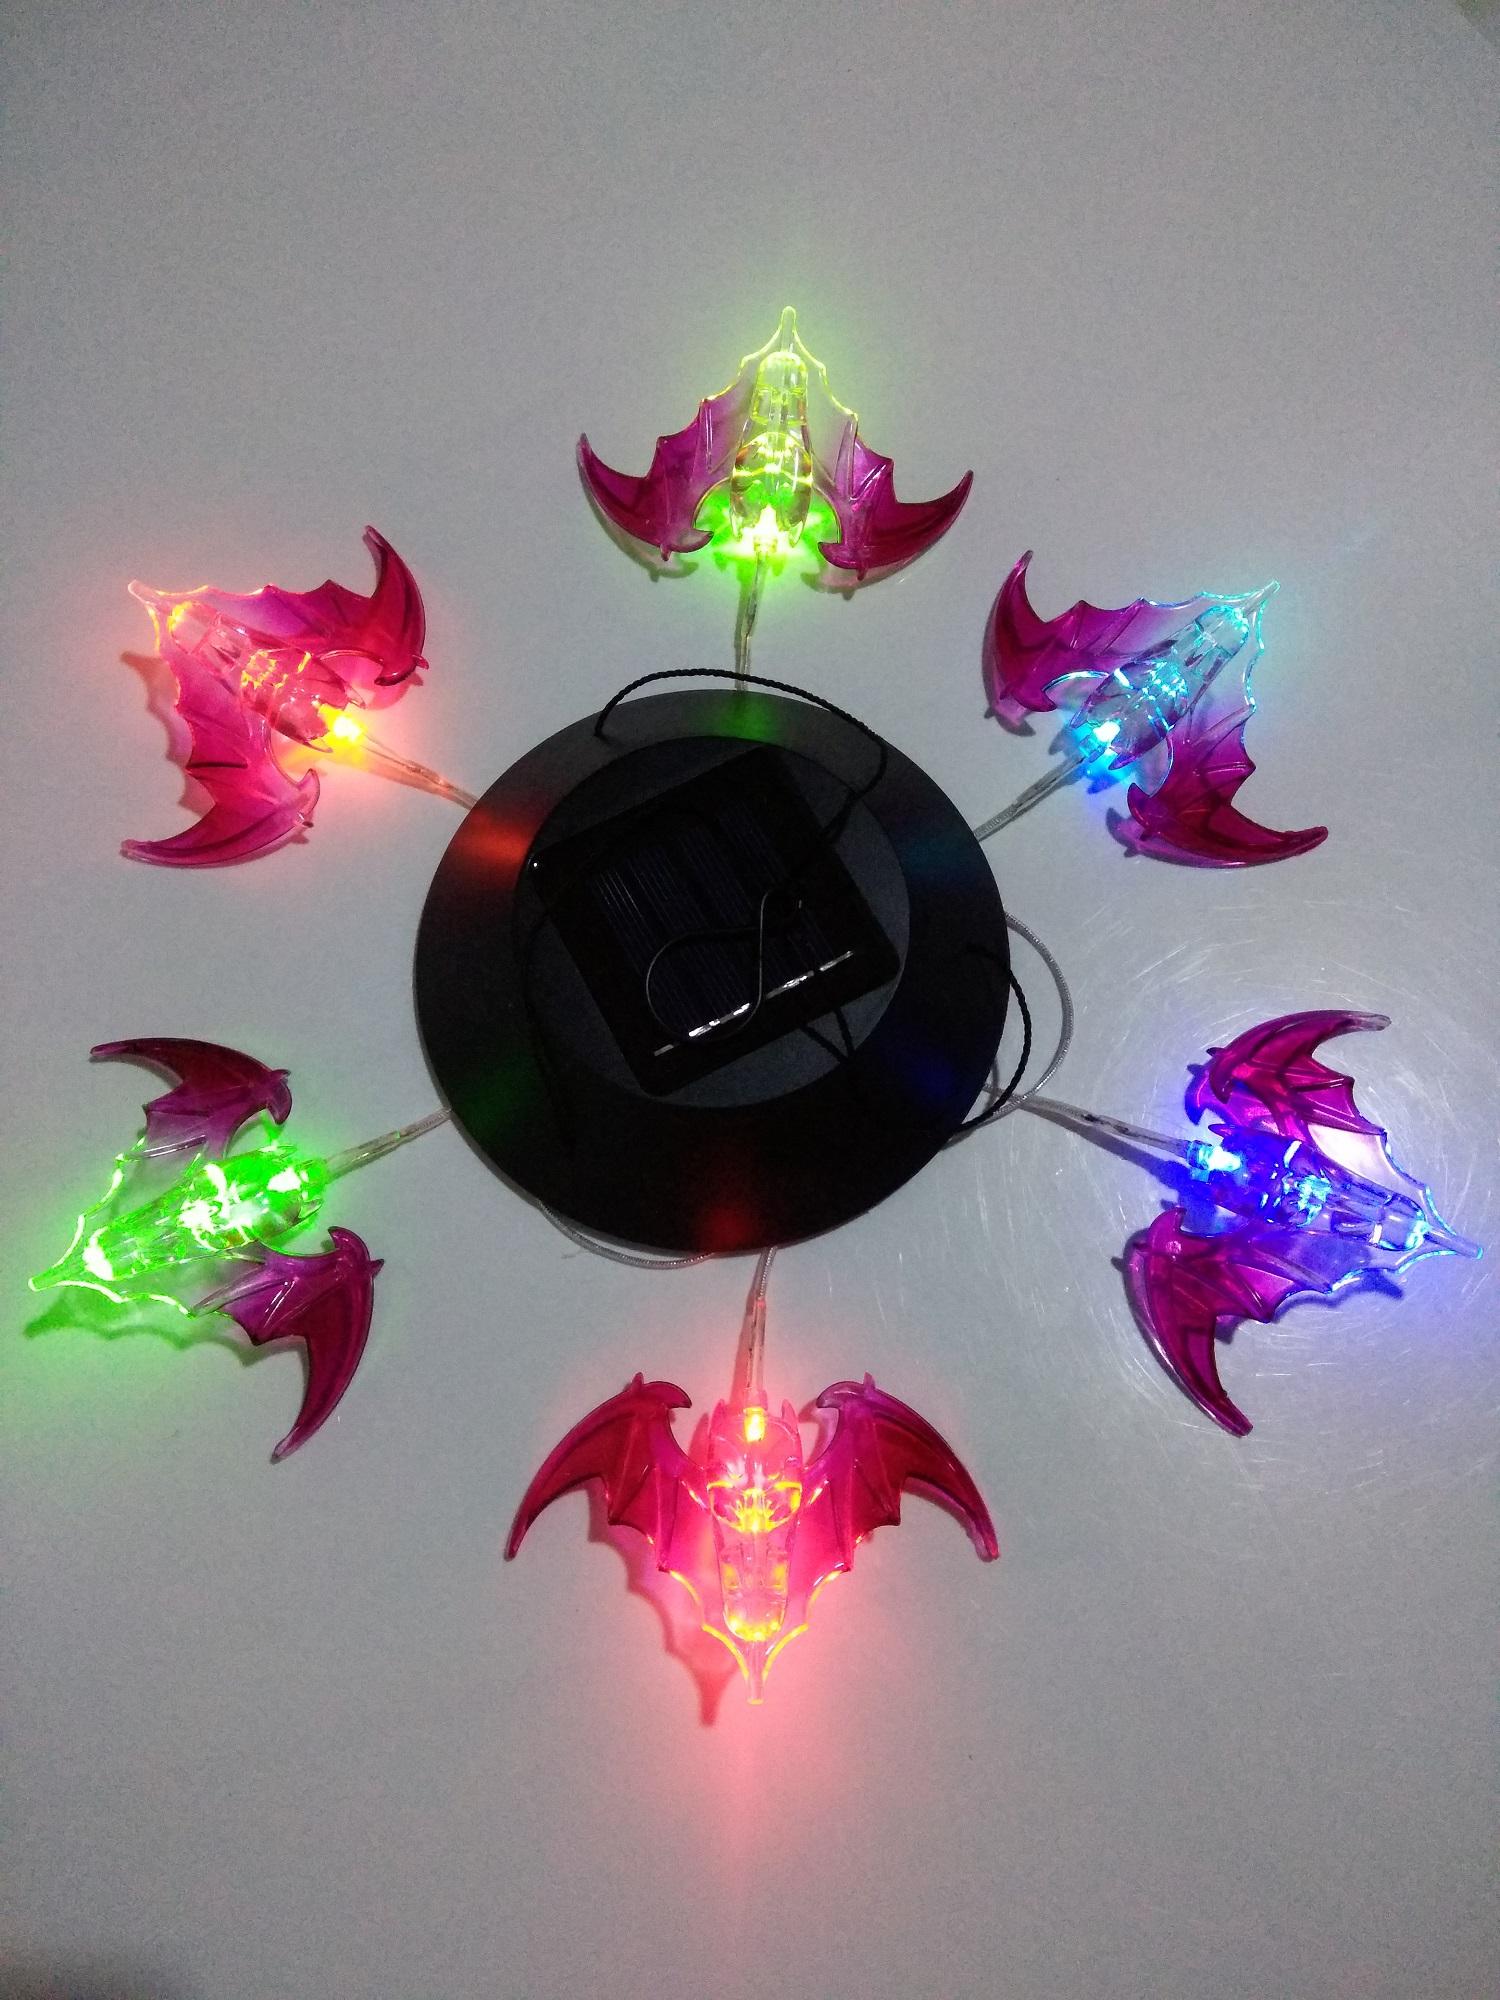 Солнечной энергии свет колокольчик свет обесцвечивать летучая мышь led свет солнечной энергии на открытом воздухе свет суд больница свет